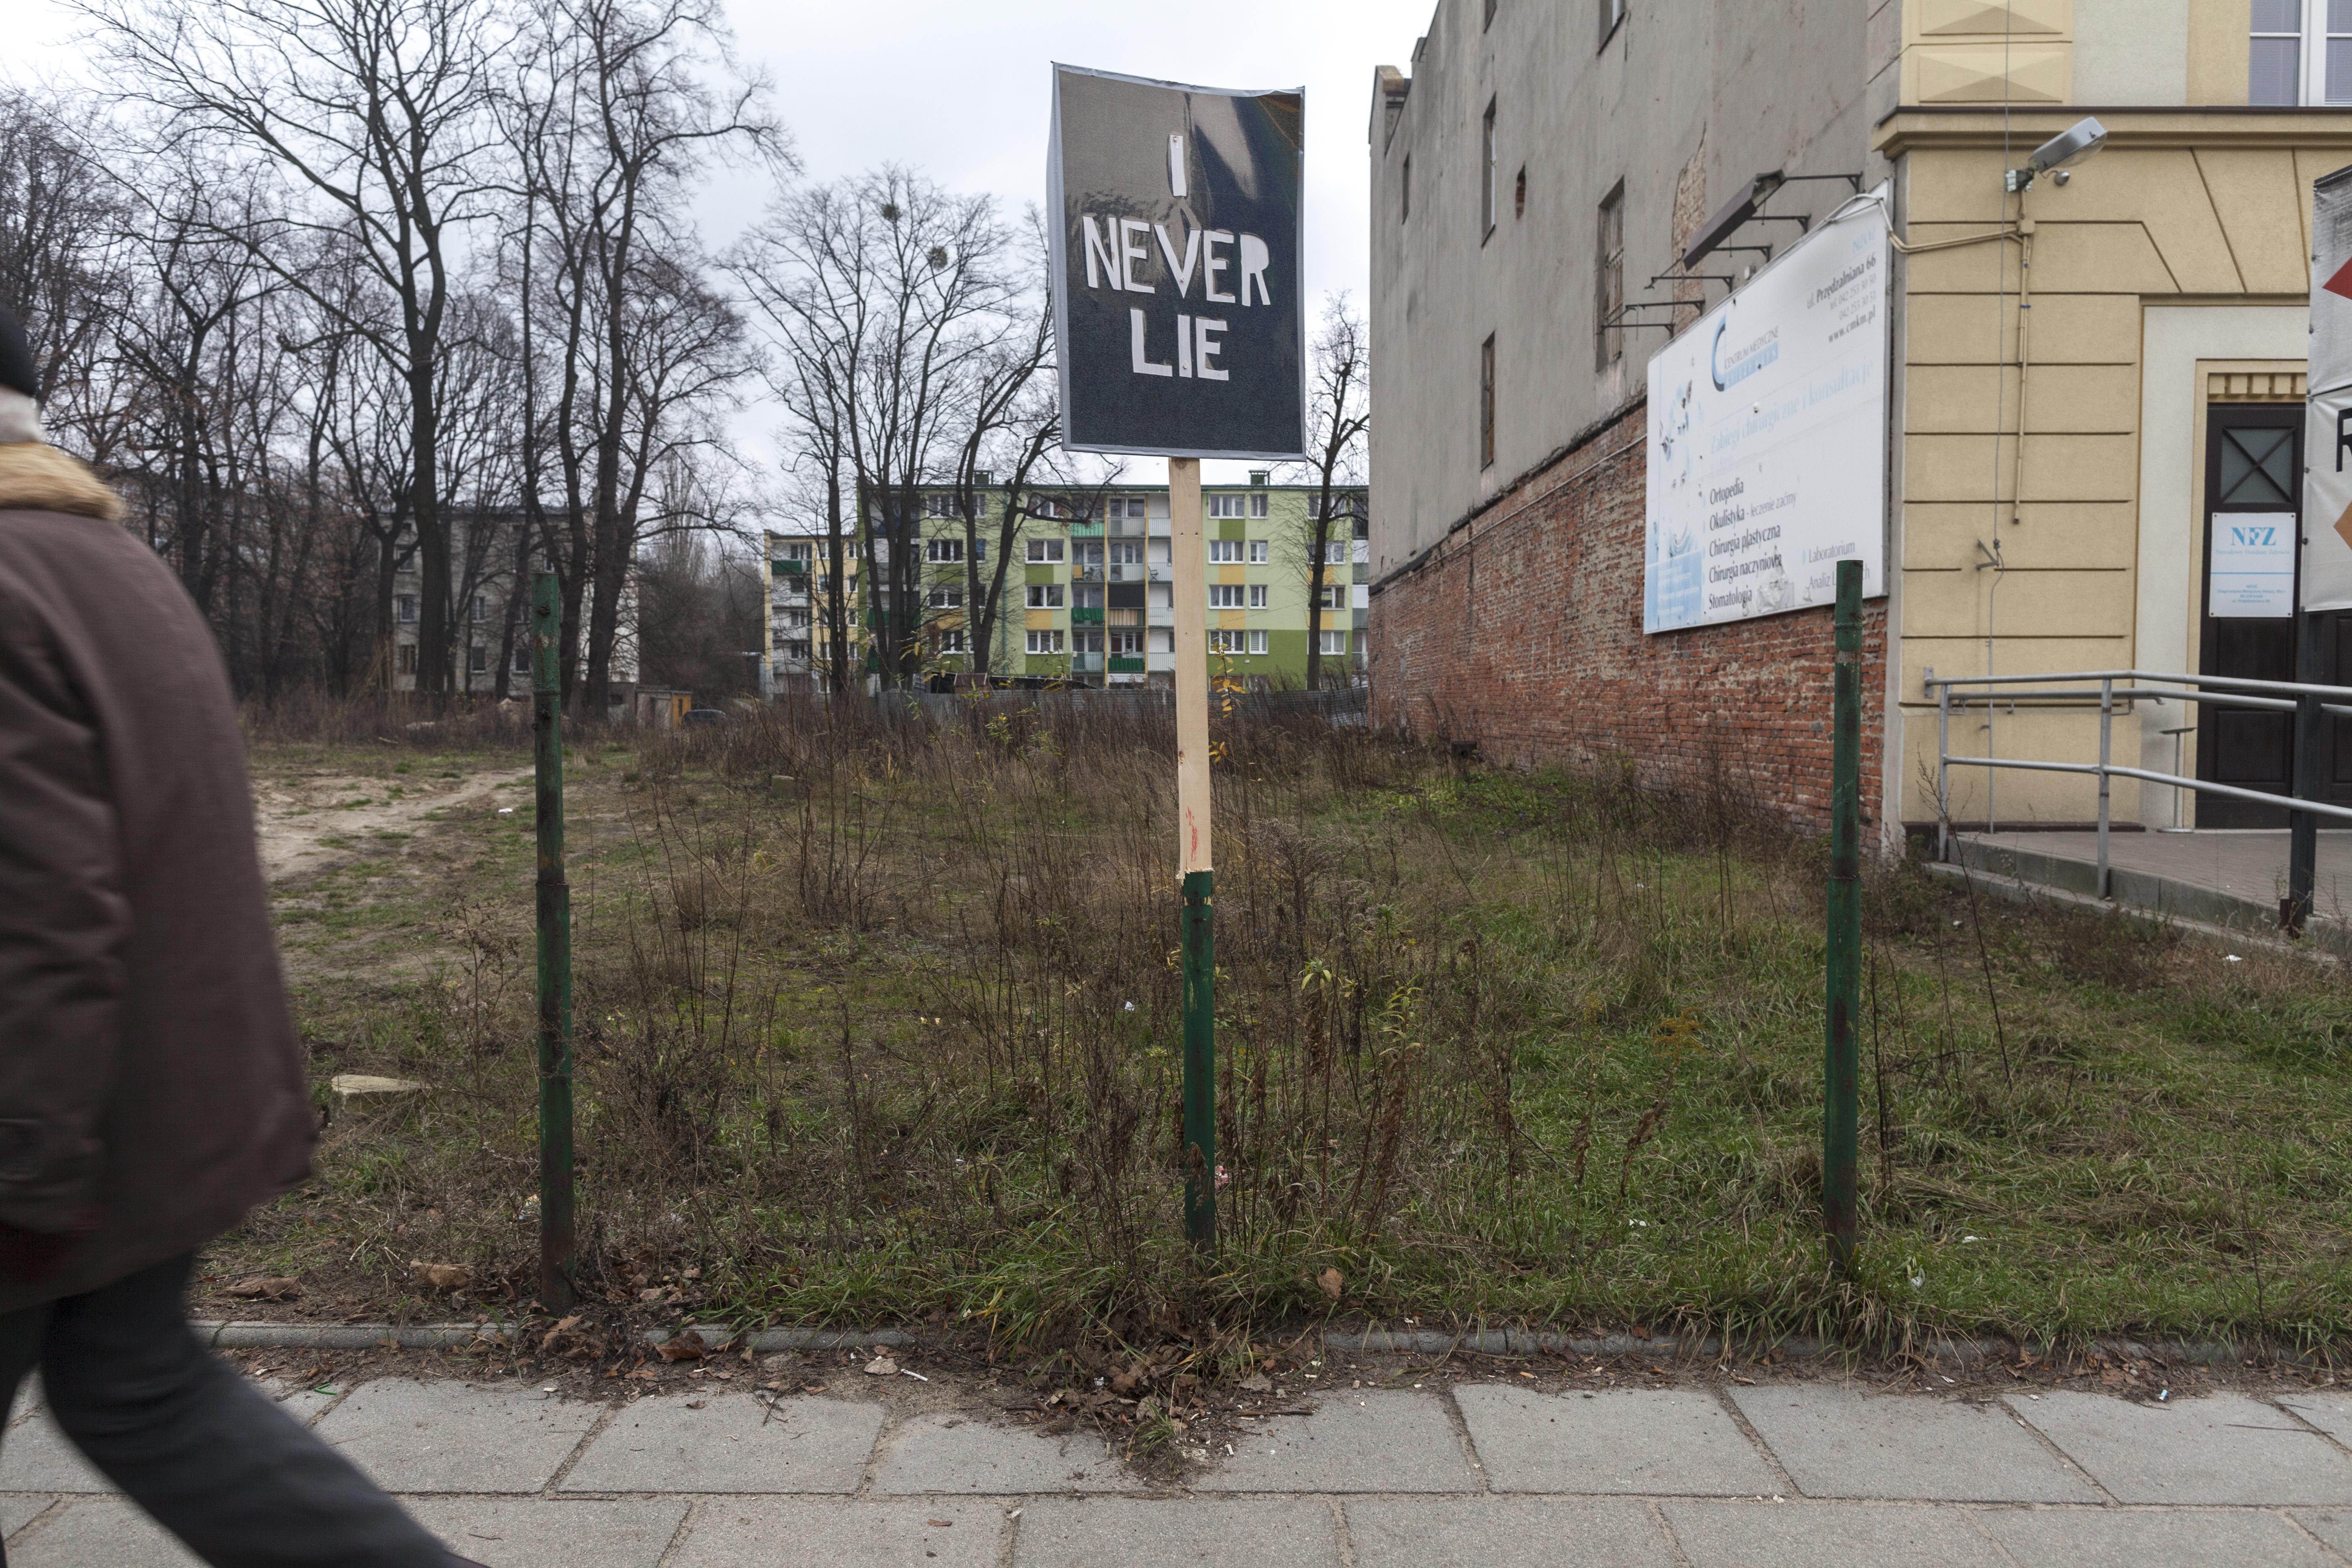 Dico Kruijsse,  INever Lie, winyl